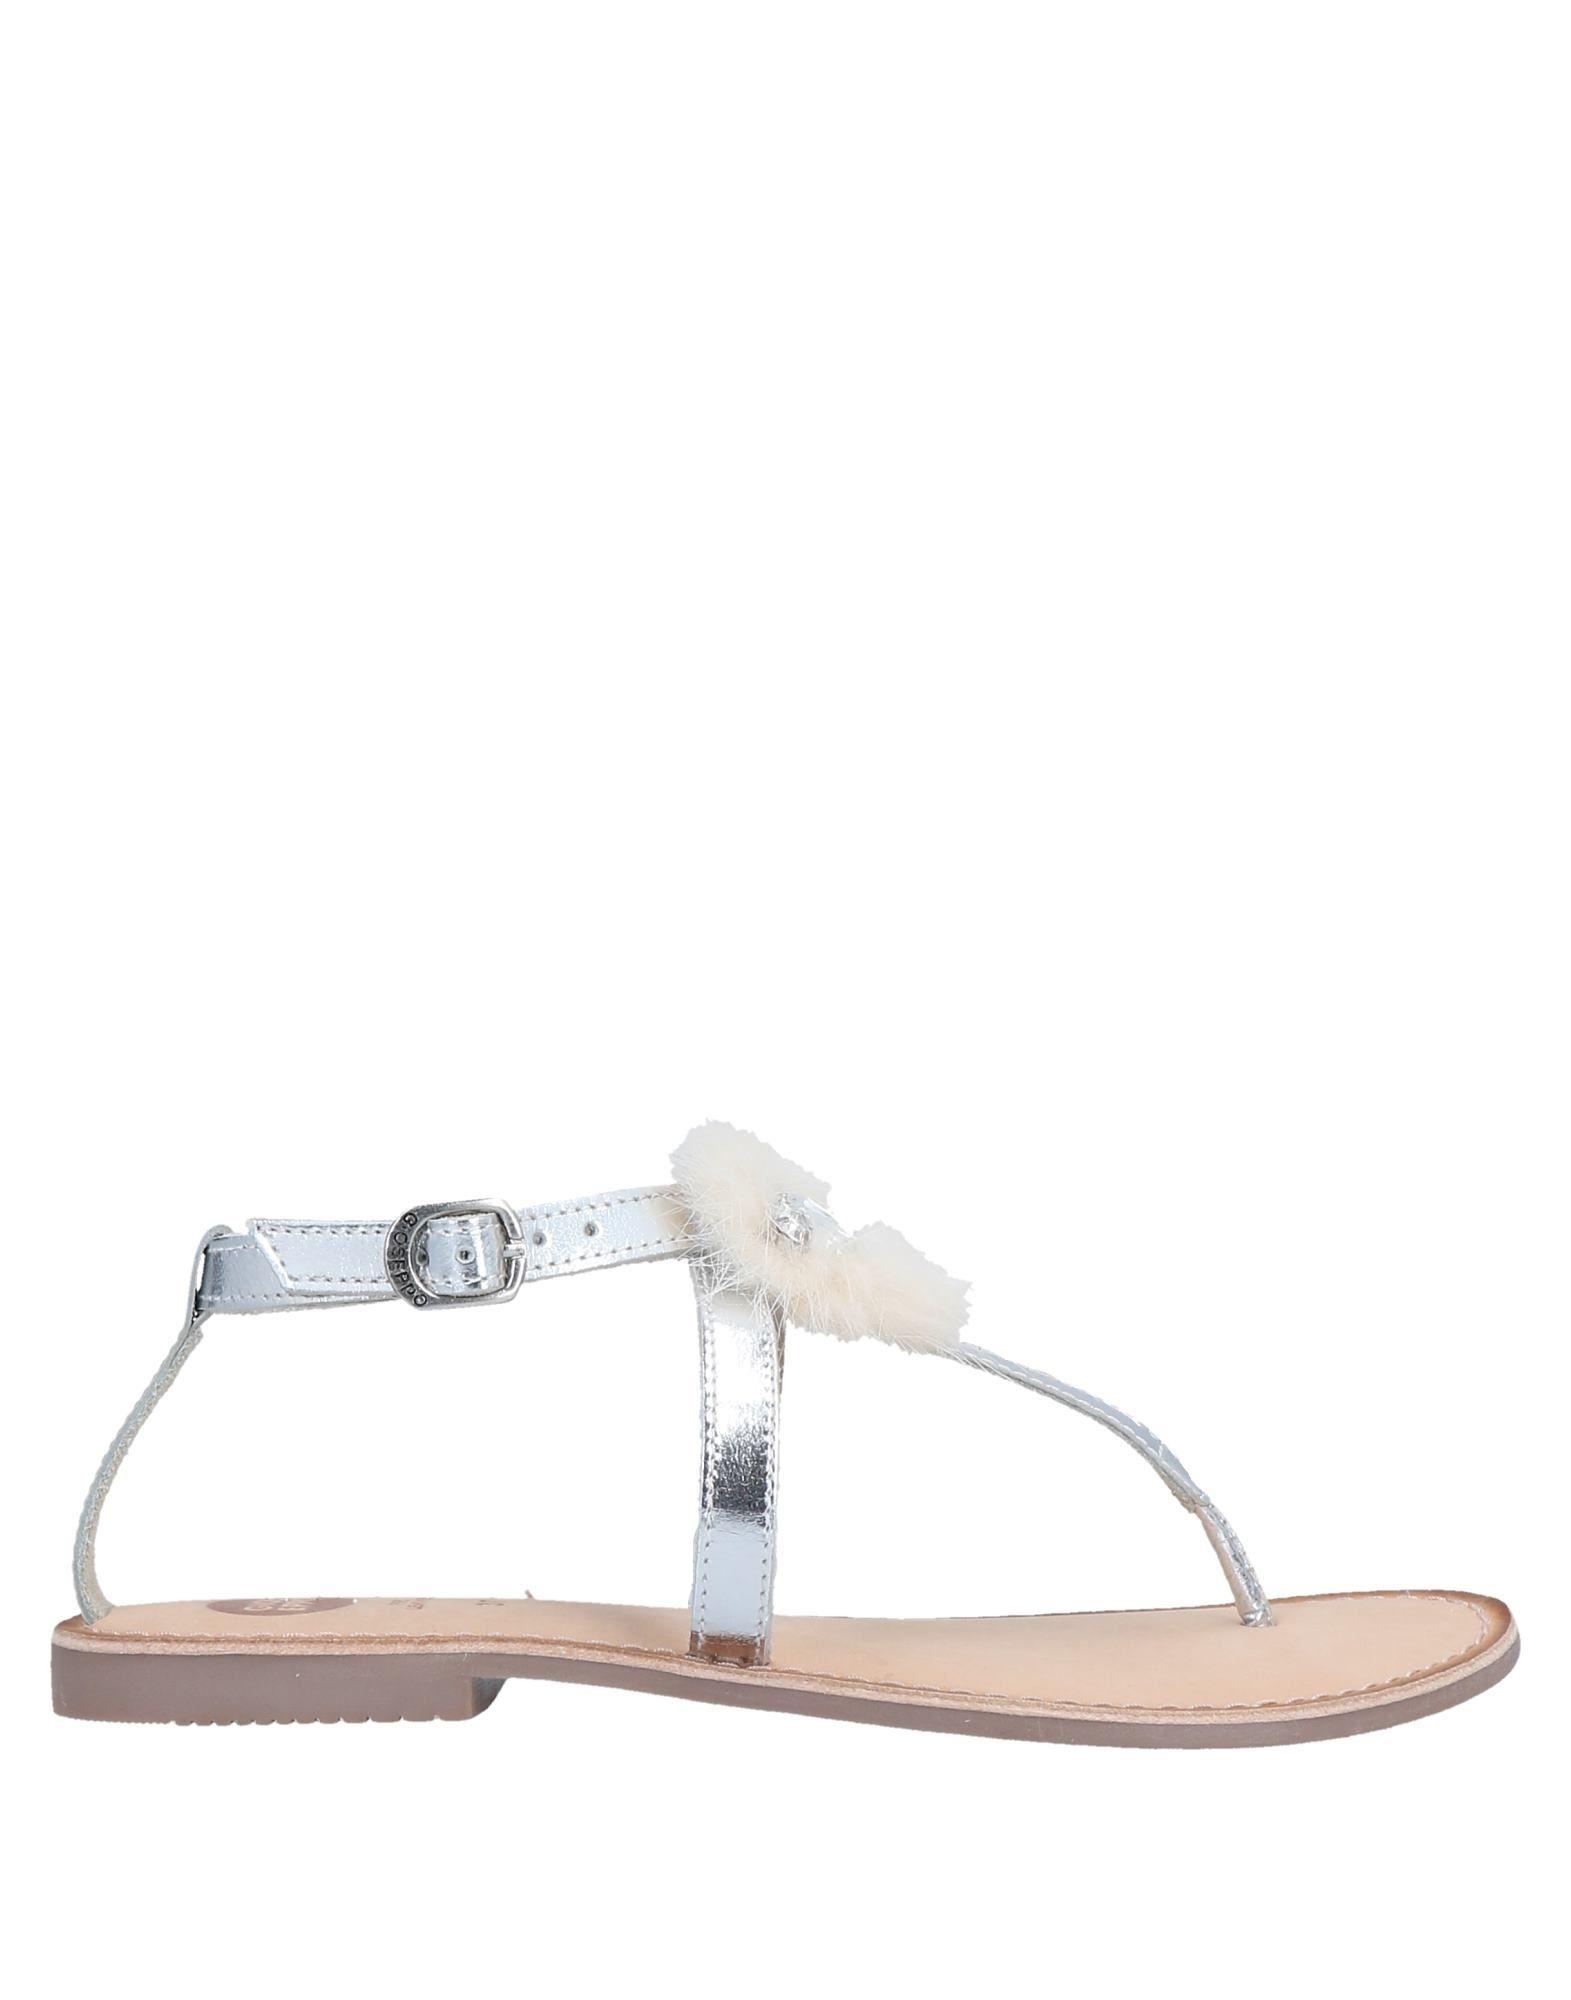 Gioseppo Flip Flops - Women Gioseppo Flip Flops - online on  Canada - Flops 11575969PH 1c35c0